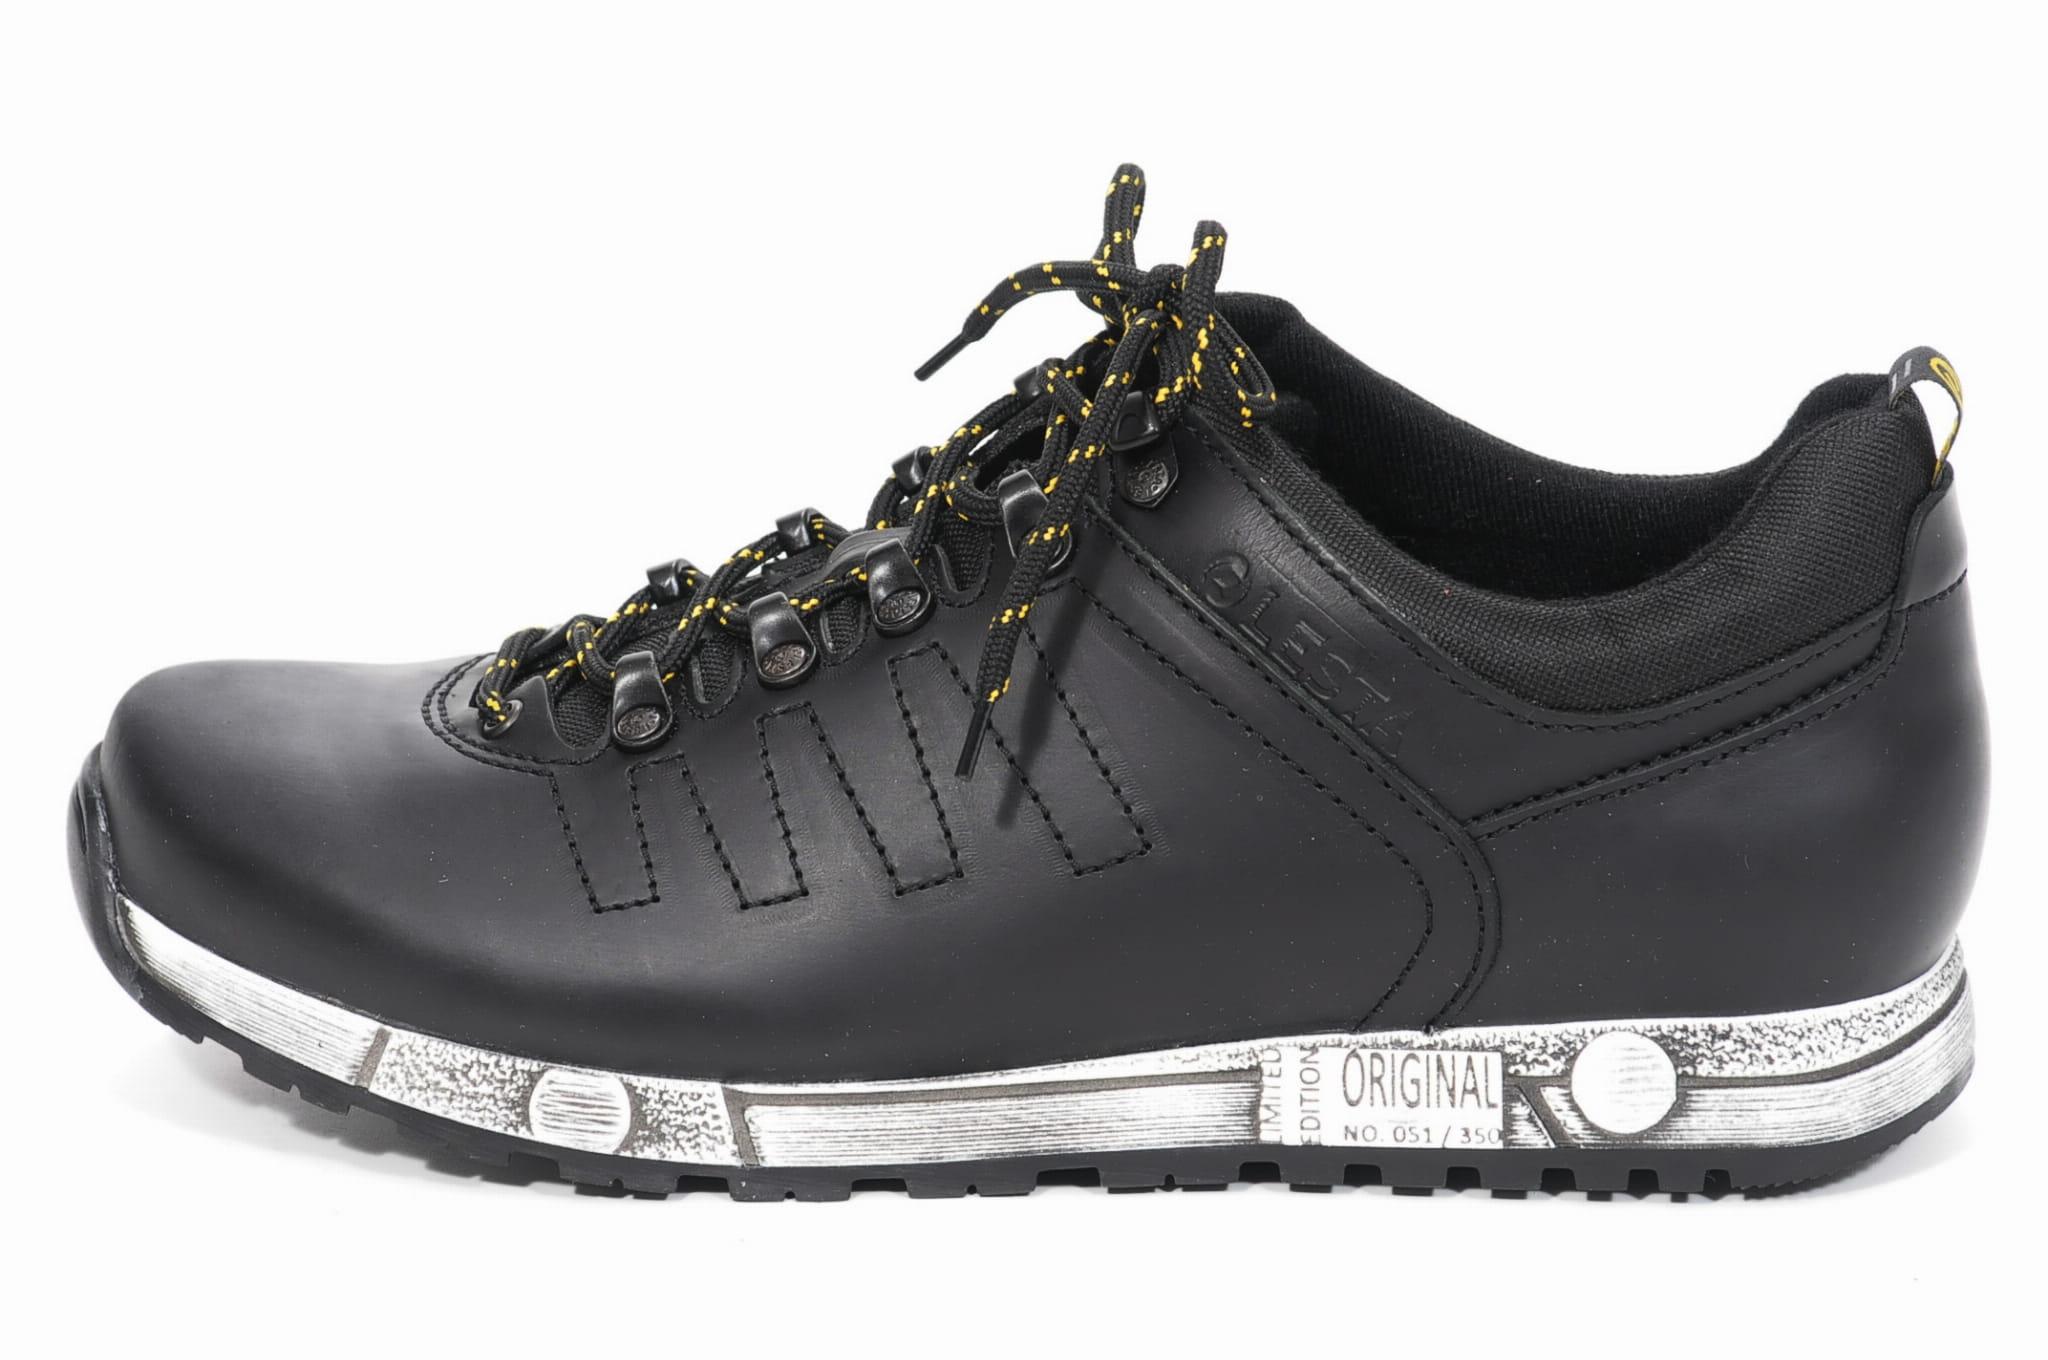 3fa3d0a47522f Półbuty Lesta 4277 Czarny Butybuk - internetowy sklep obuwniczy ...